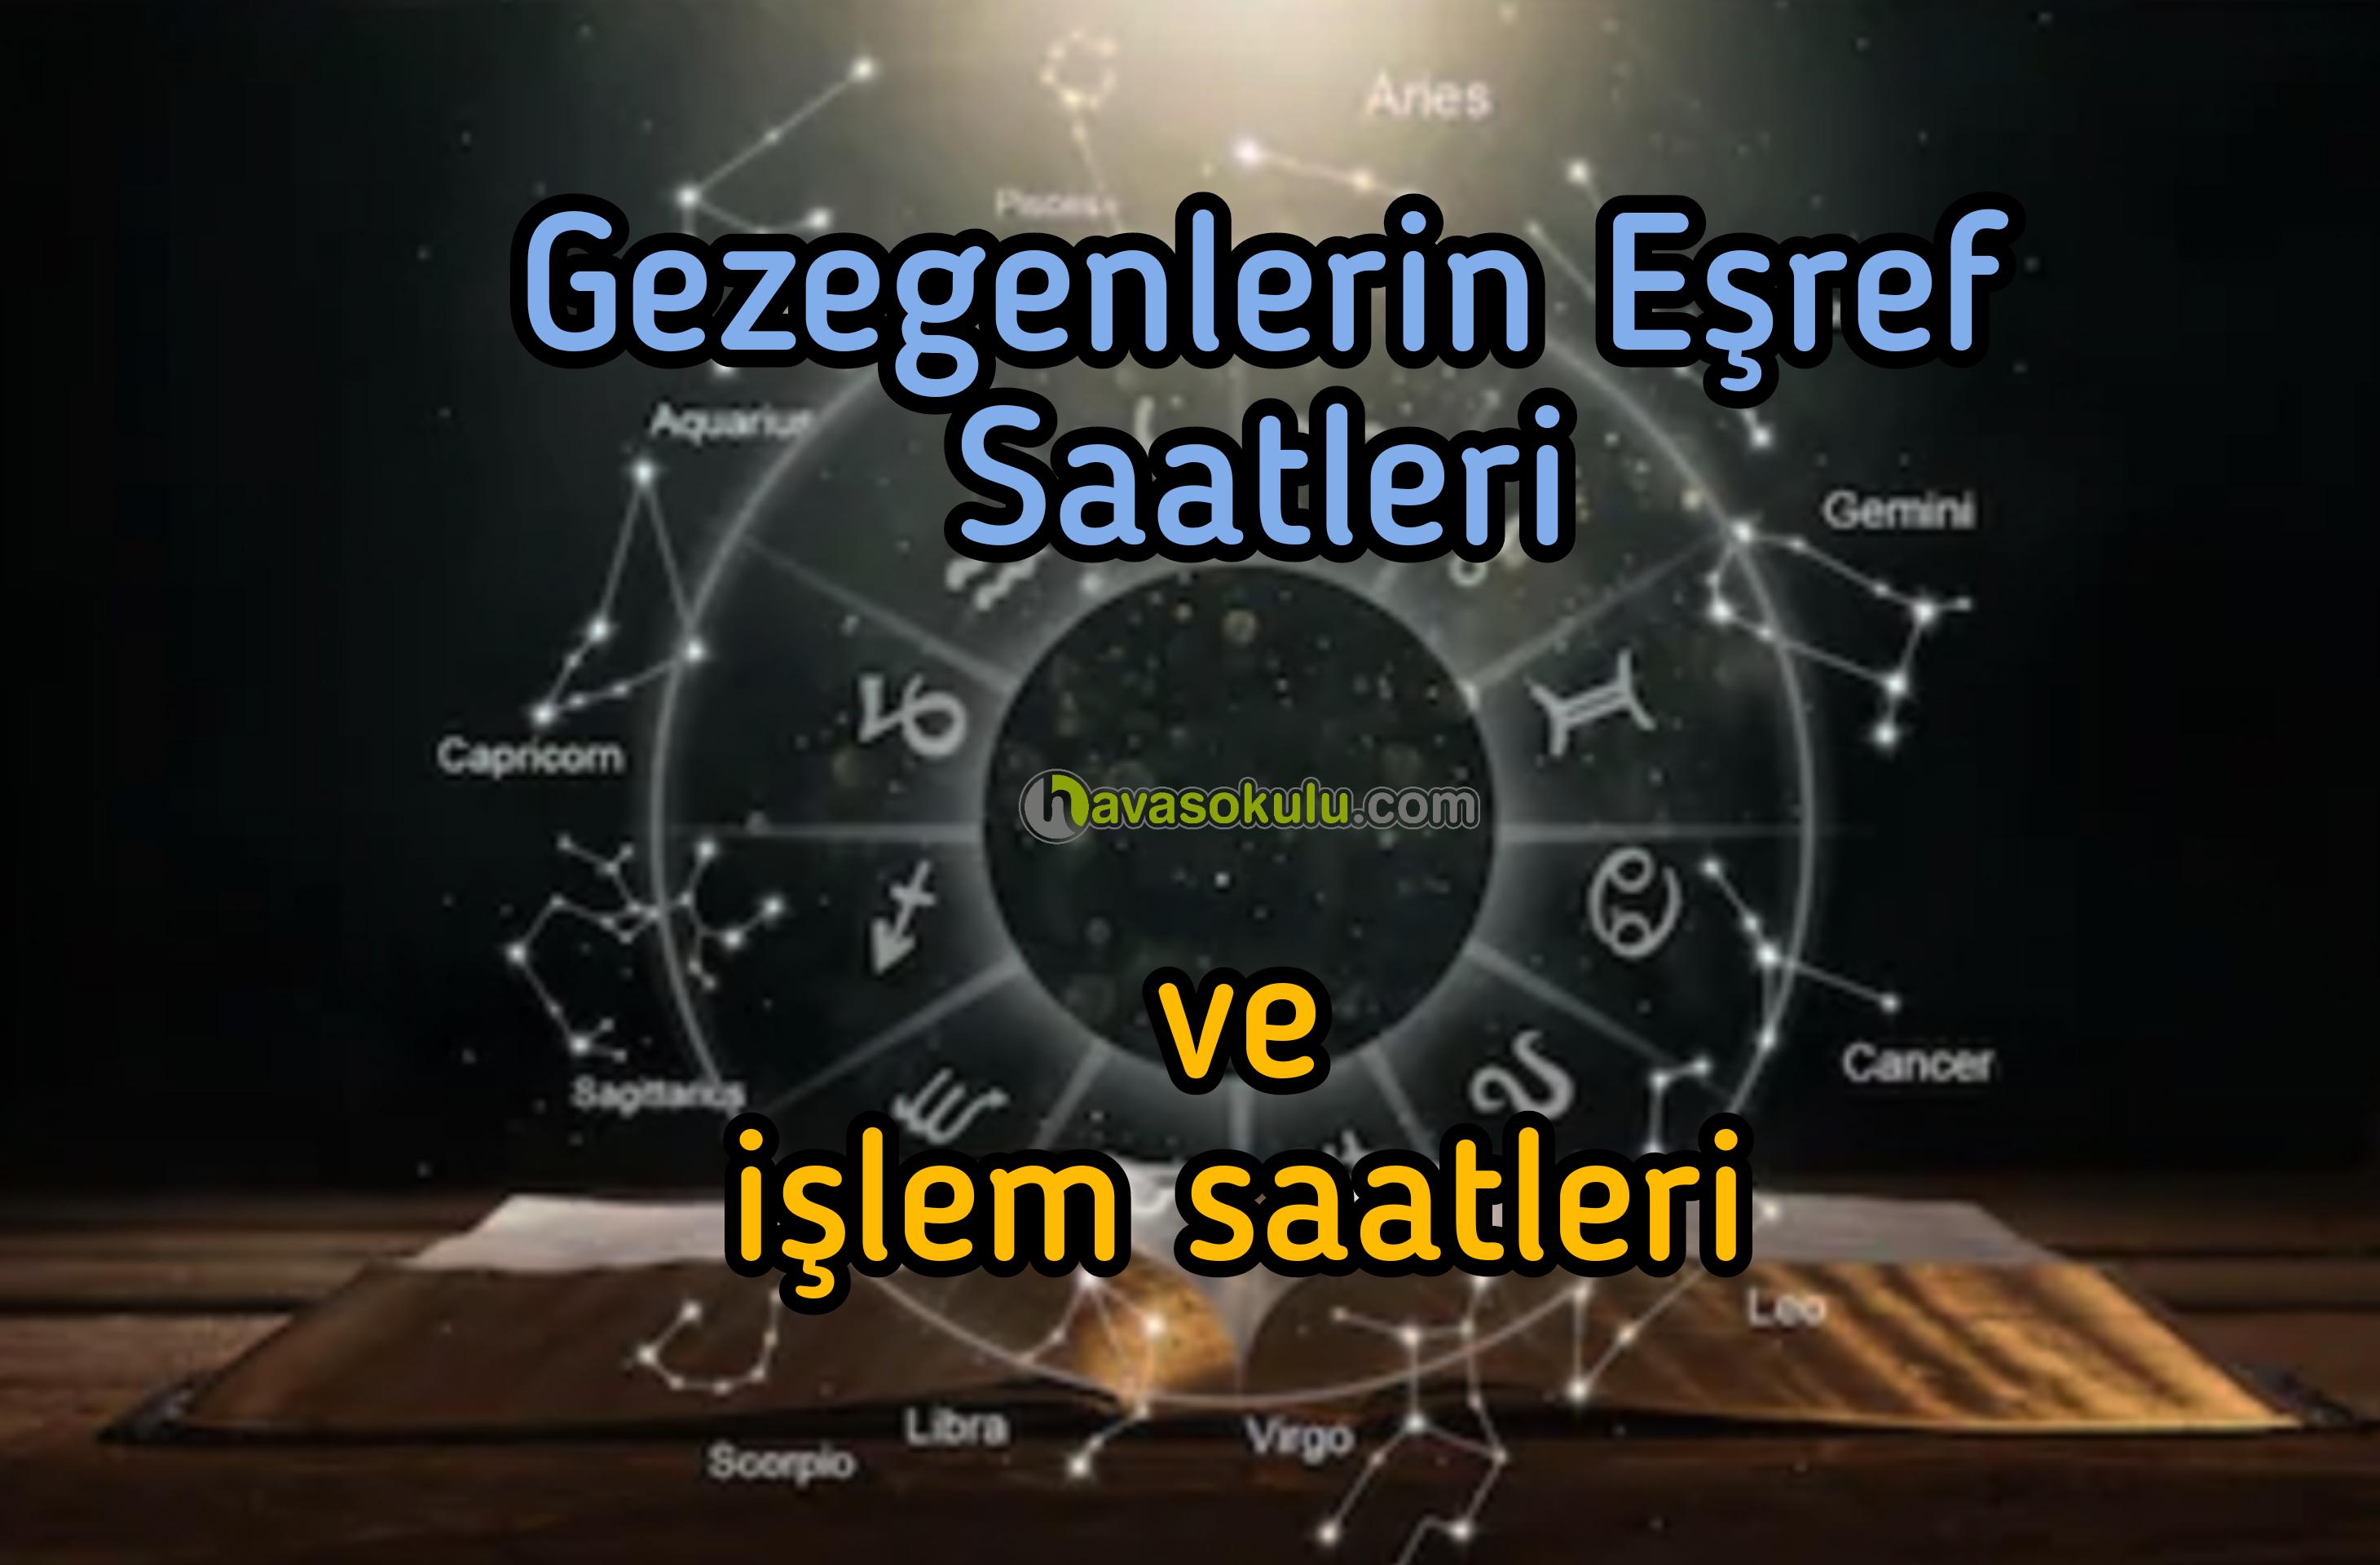 işlem Saatleri ve Gezegenlerin eşref saatleri